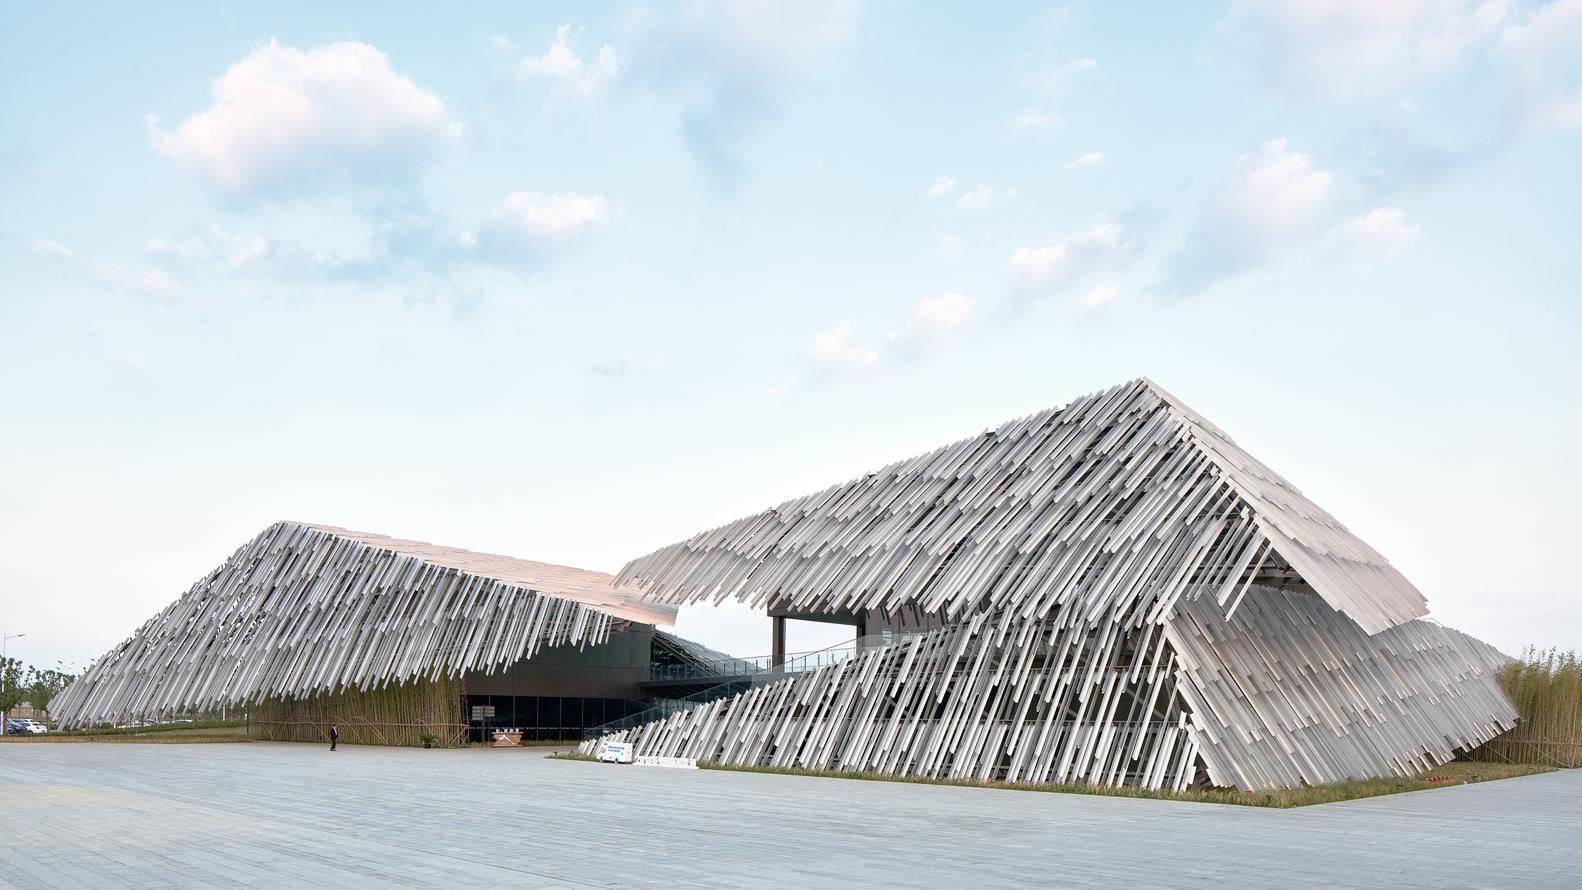 بازگشتی به سوی گذشته با نگرش به معماری مدرن